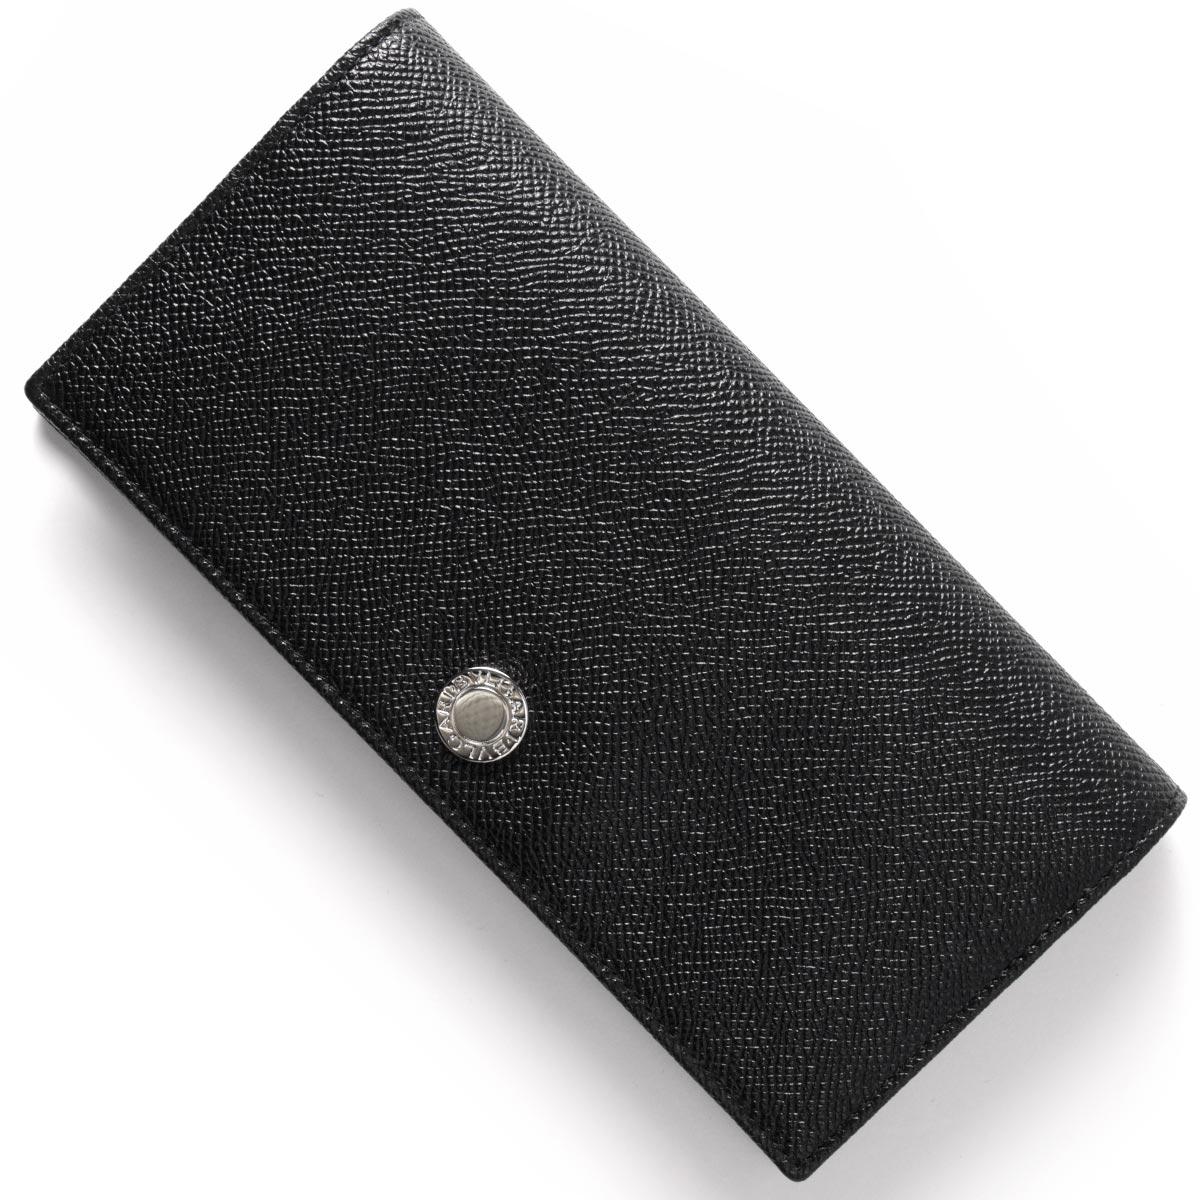 【1,000円OFFクーポン対象】ブルガリ 長財布 財布 メンズ クラシコ ブラック 27746 BVLGARI